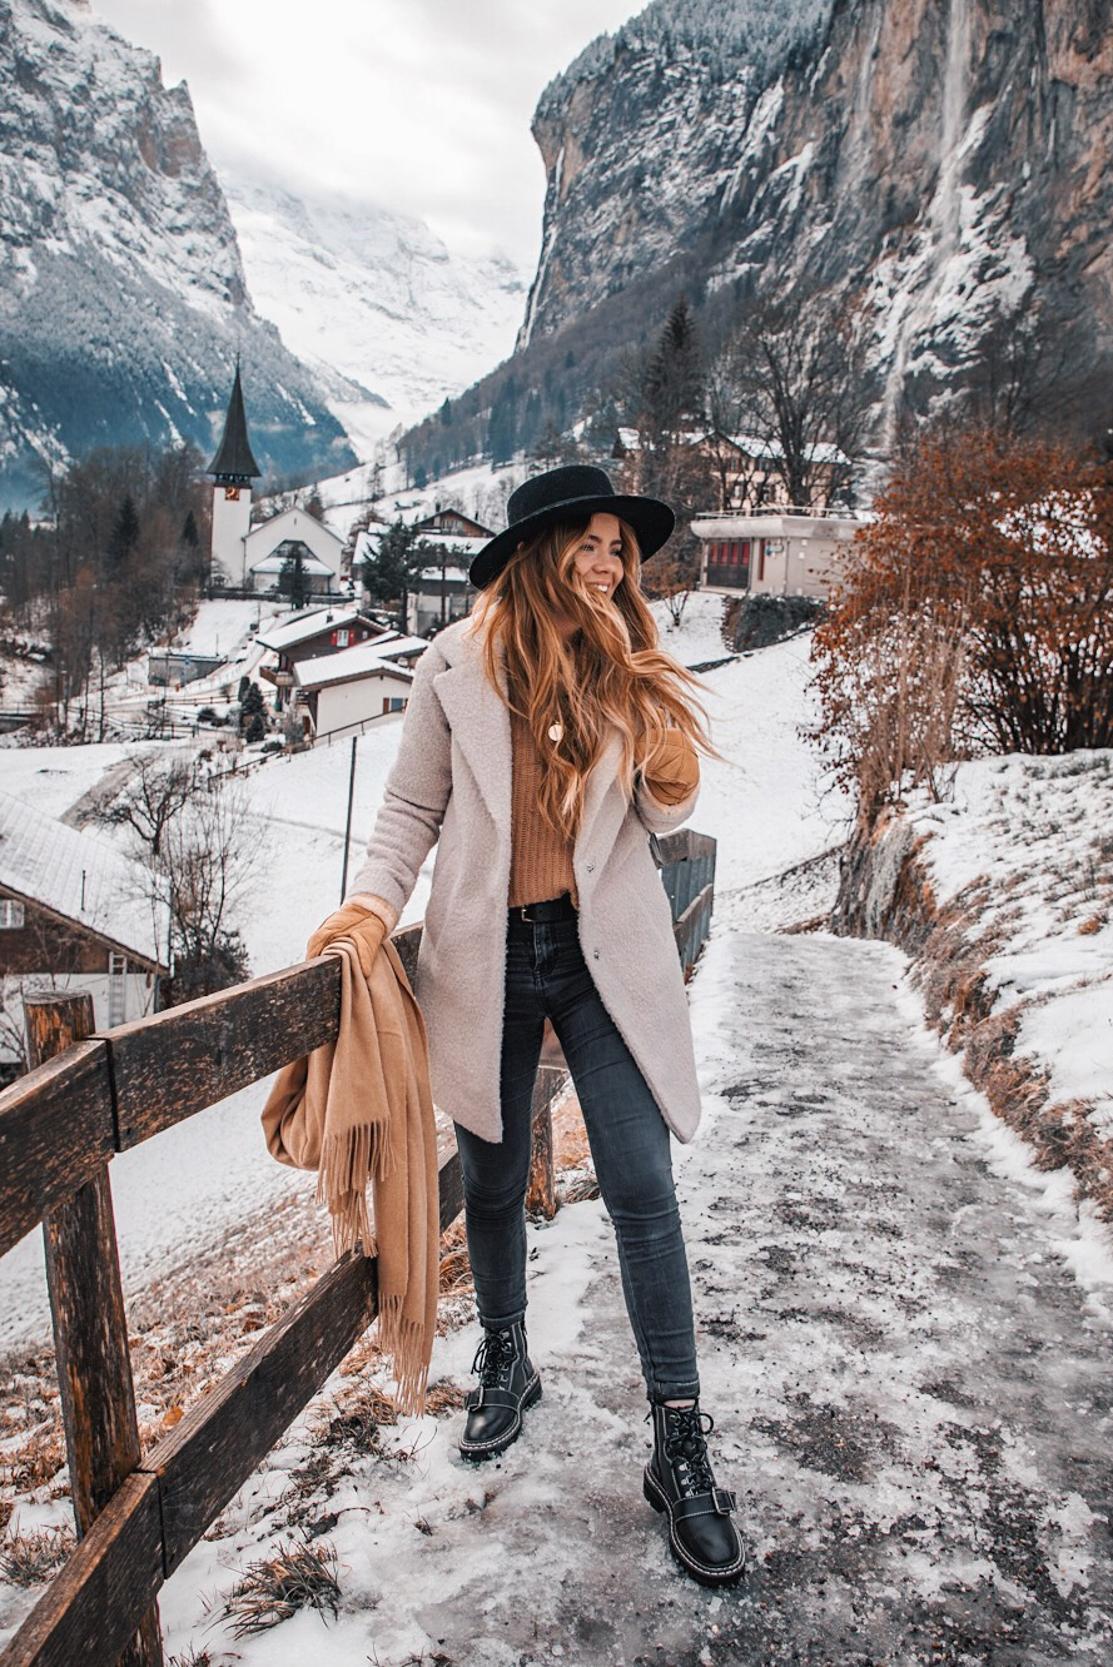 stylish-winter-outfits-switzerland-19.jpg